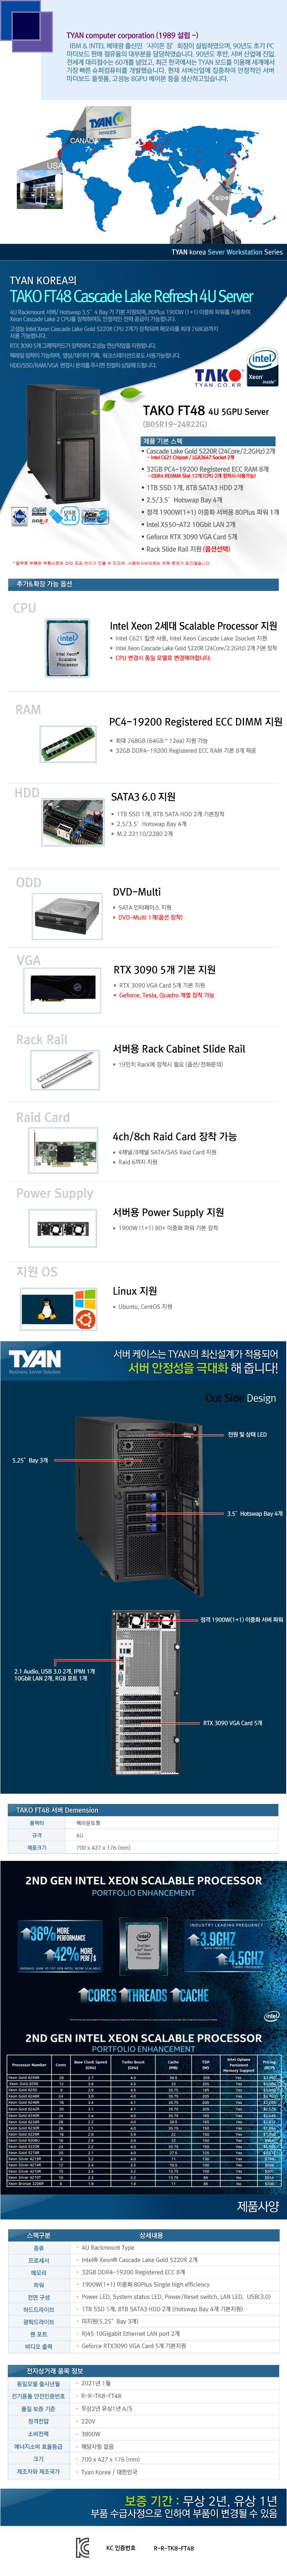 TYAN TAKO-FT48-(B05R19-24R22G)-RTX3090 5GPU (265GB, SSD 1TB + 16TB)